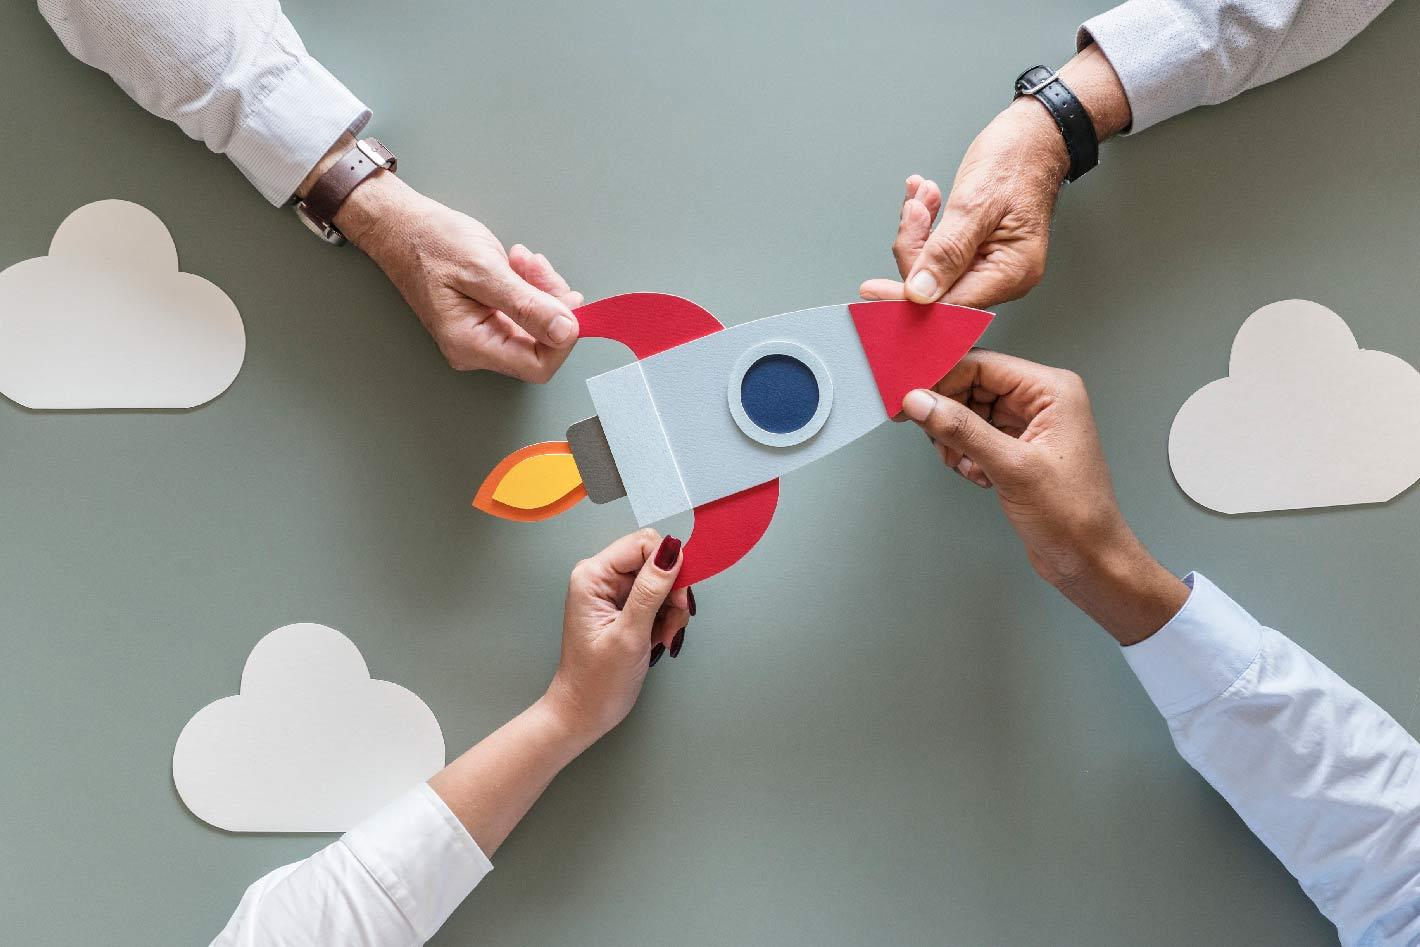 Startupbild Rakete gehalten von 4 Händen